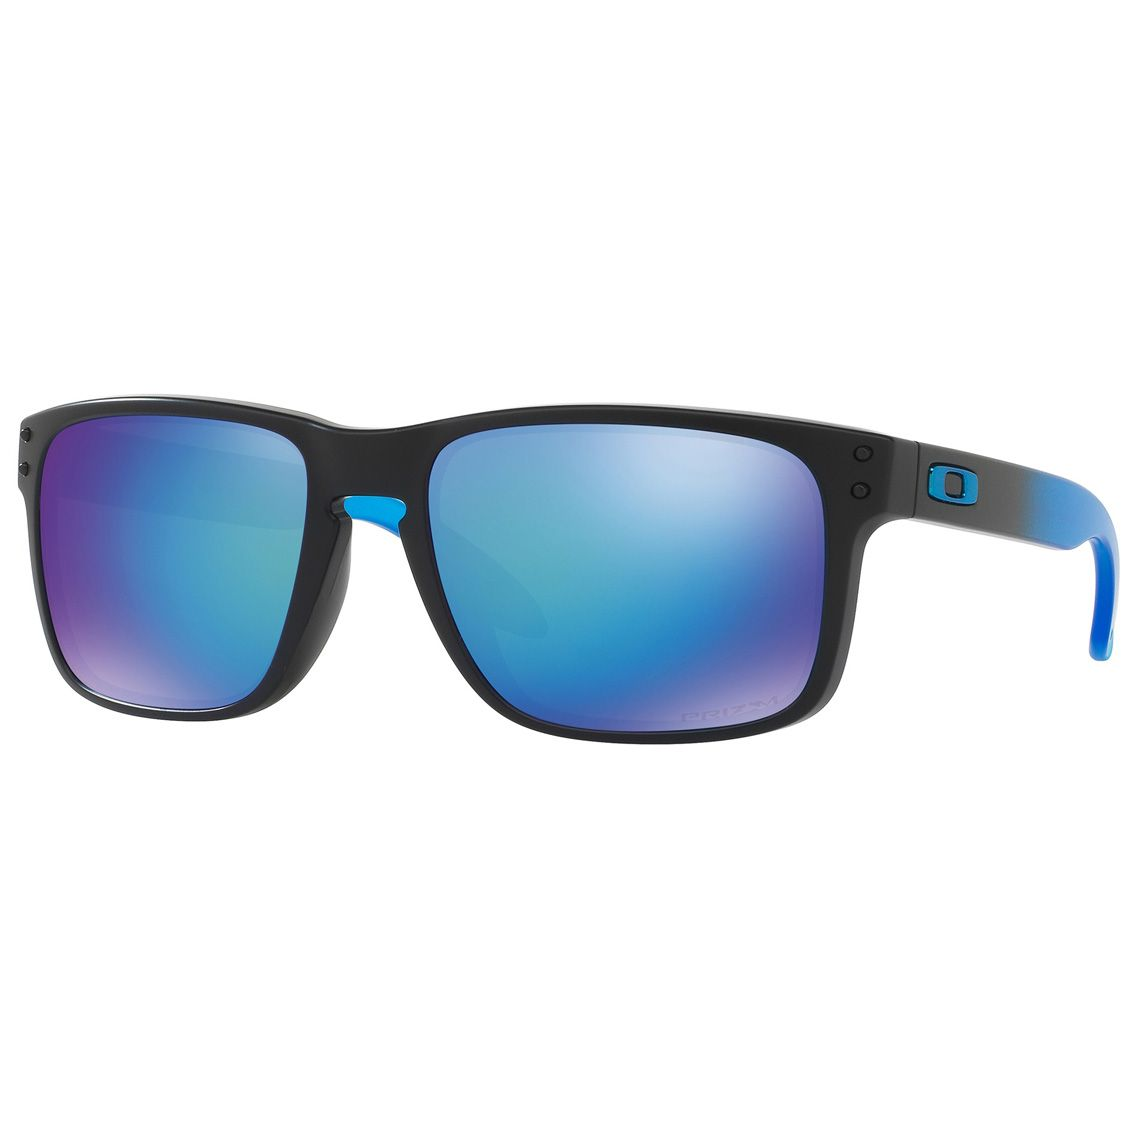 Óculos Polarizado Oakley Holbrook Prizm Sapphire